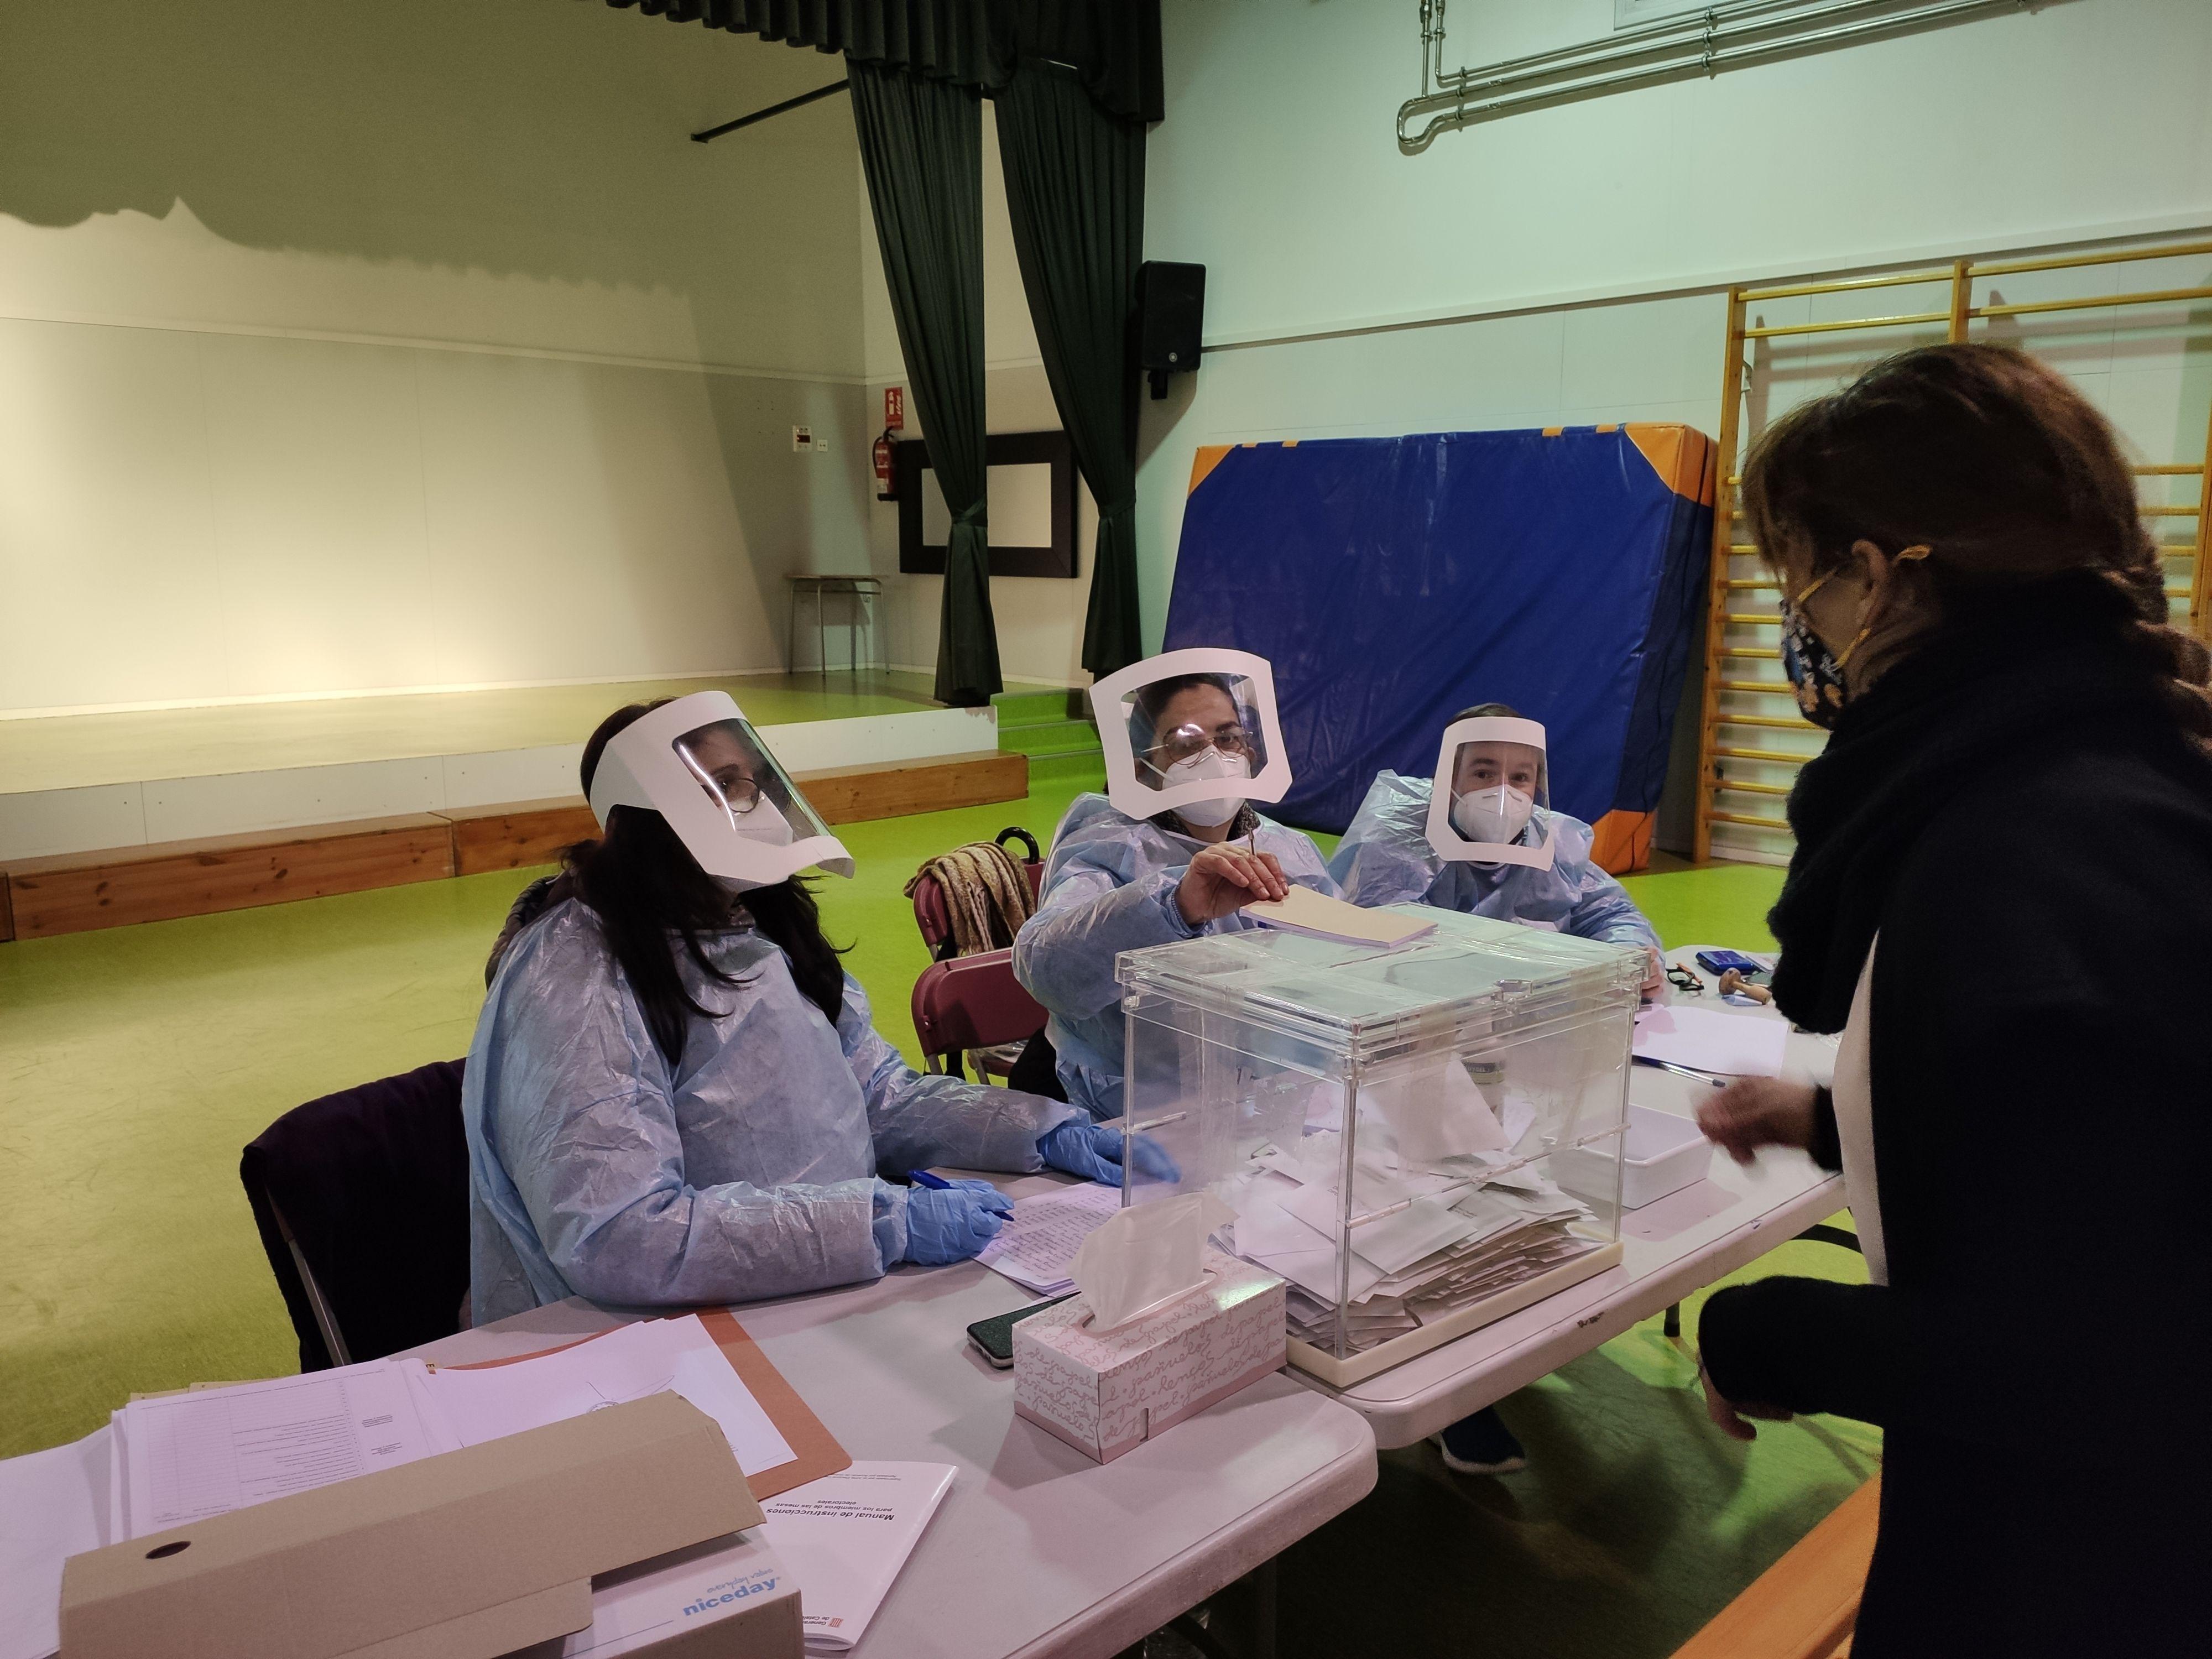 Entrevista a membres de les meses electorals a Rubí. FOTO: Núria H.